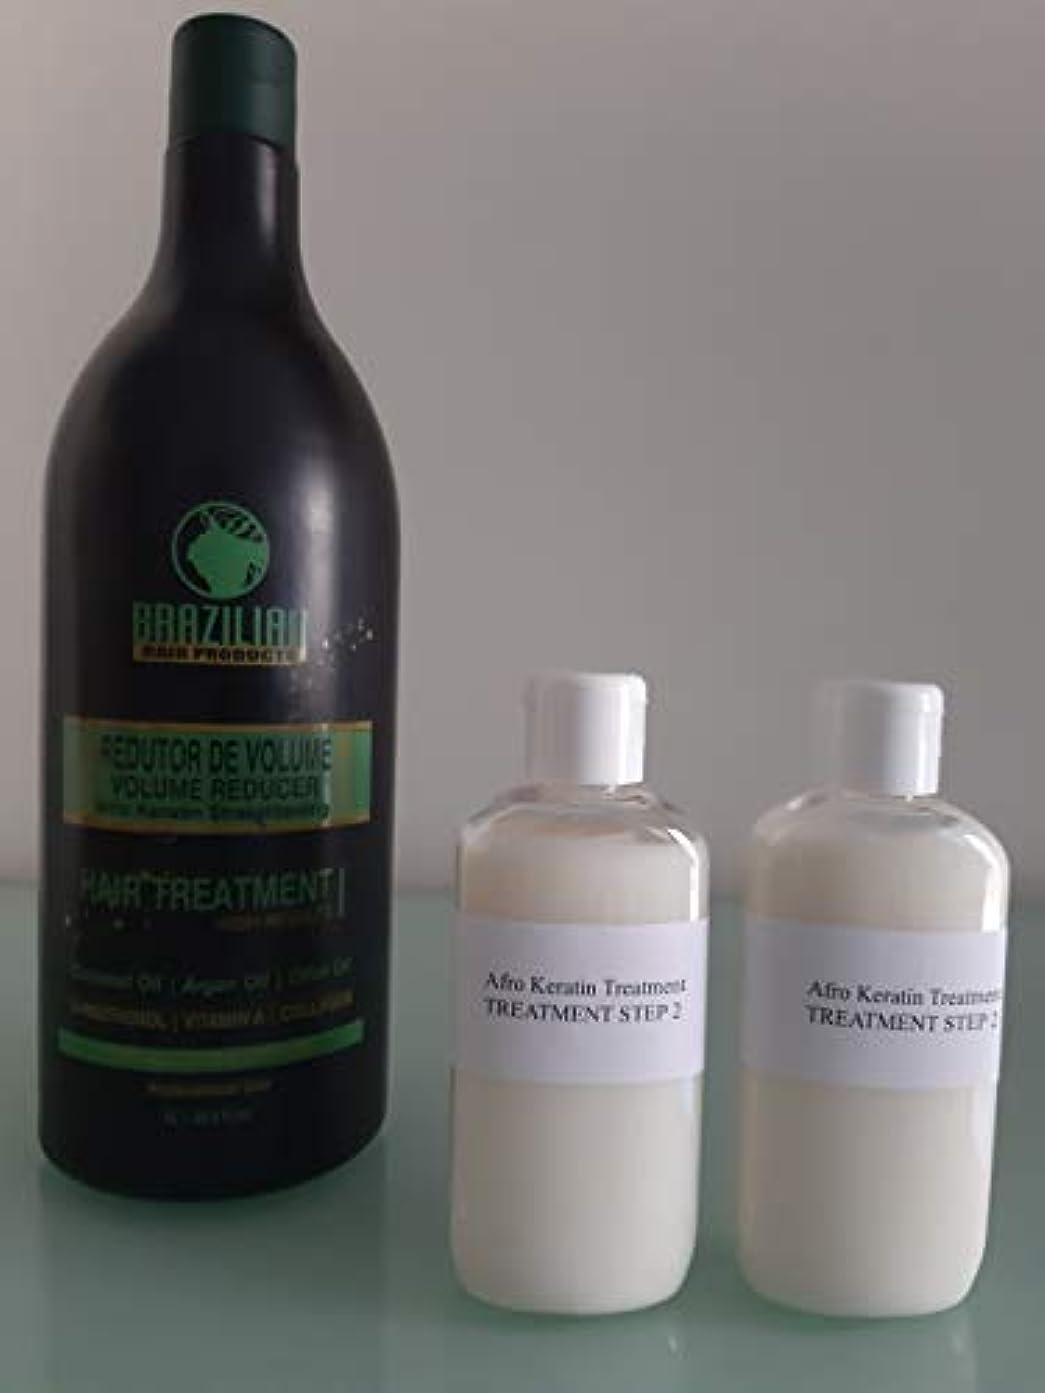 ミル子供達うれしいアフロブラジルシステムケラチン毛矯正治療マルチサイズ (2 X 100ML ただケラチン)